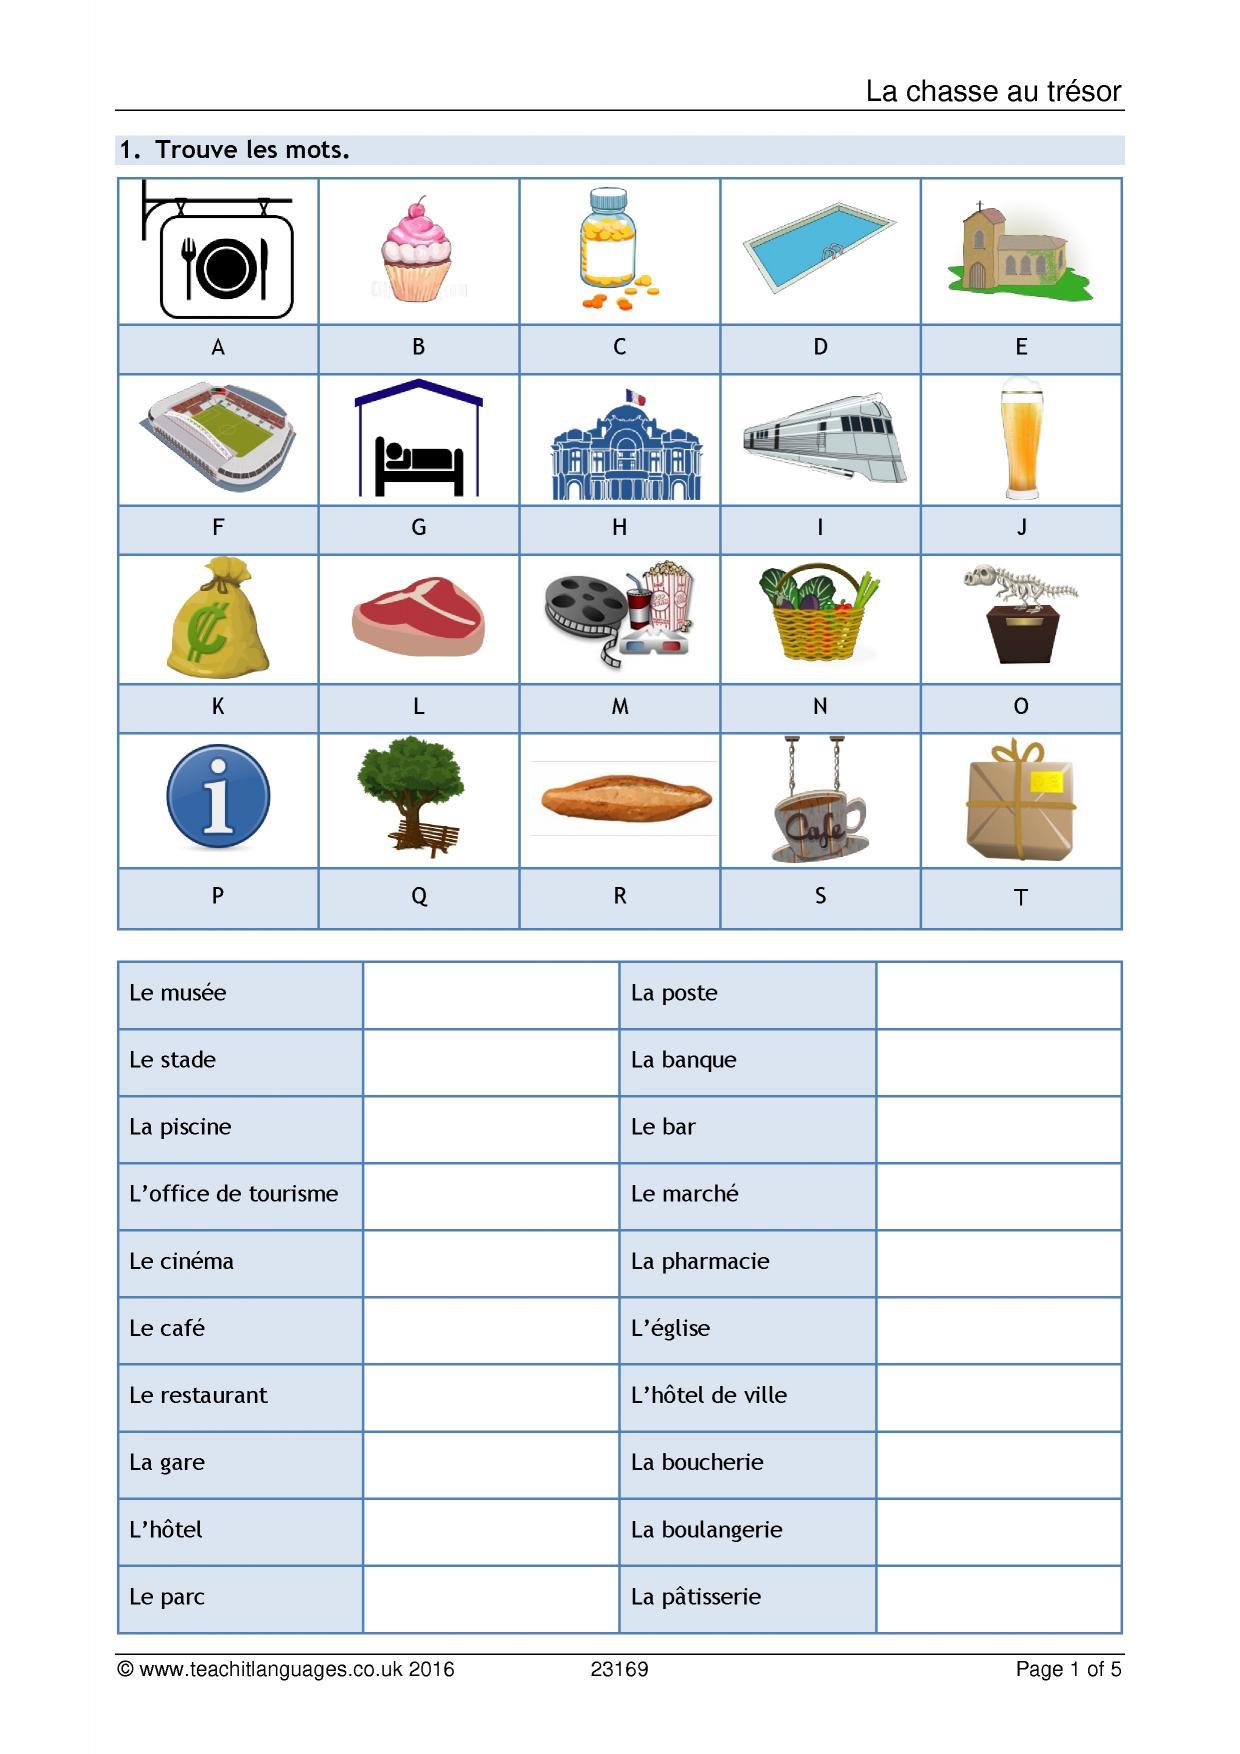 translation practice worksheet